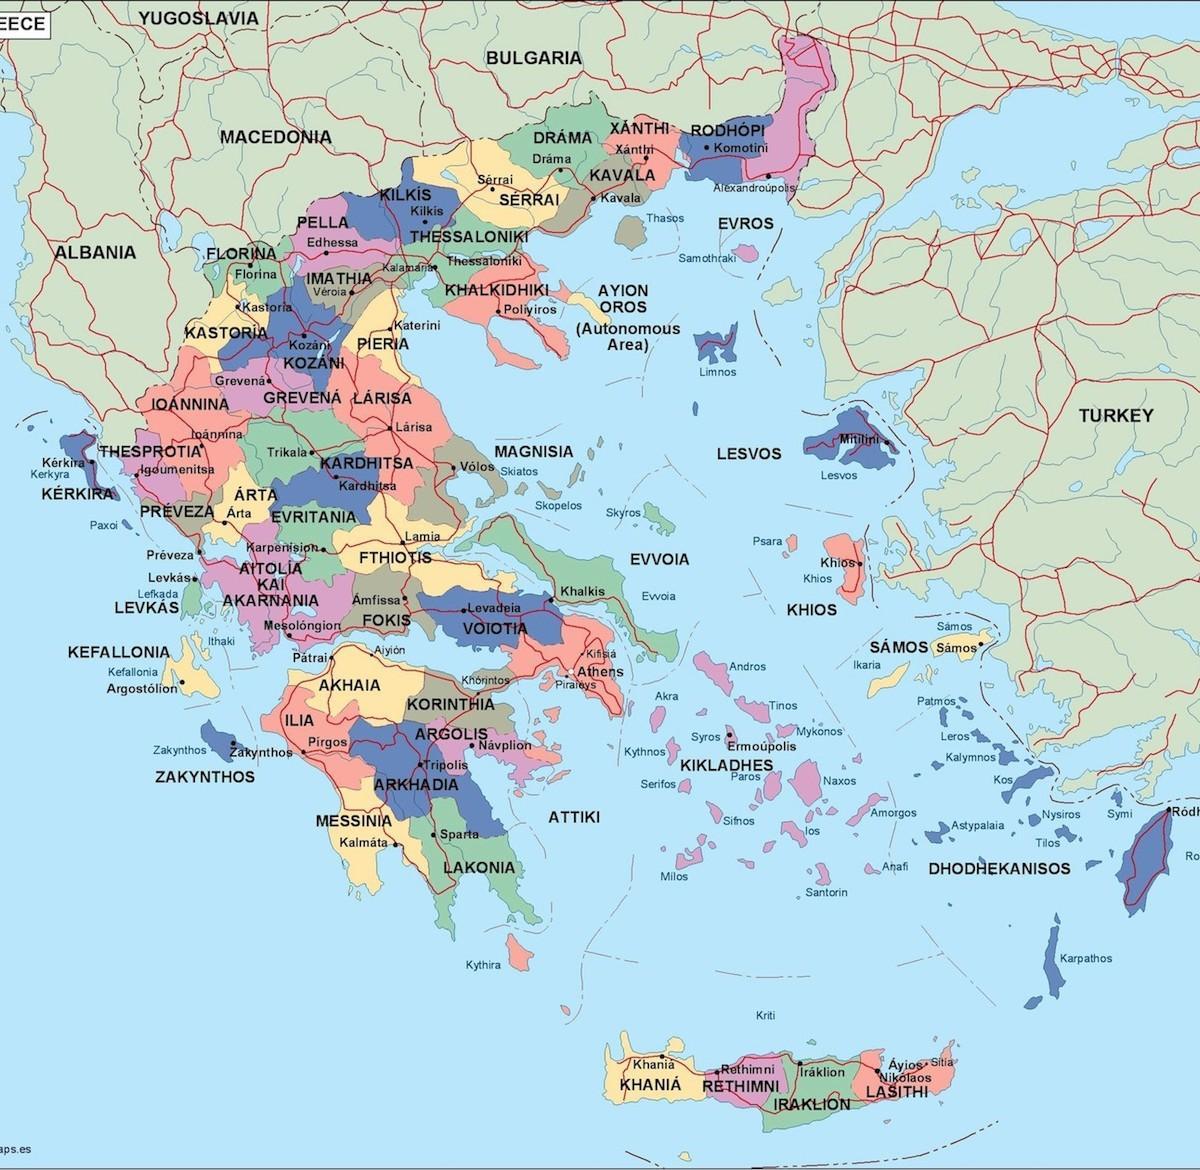 politicka karta grcke Grčka politička karta   politička karta Grčke (Južna Europa   Europa) politicka karta grcke